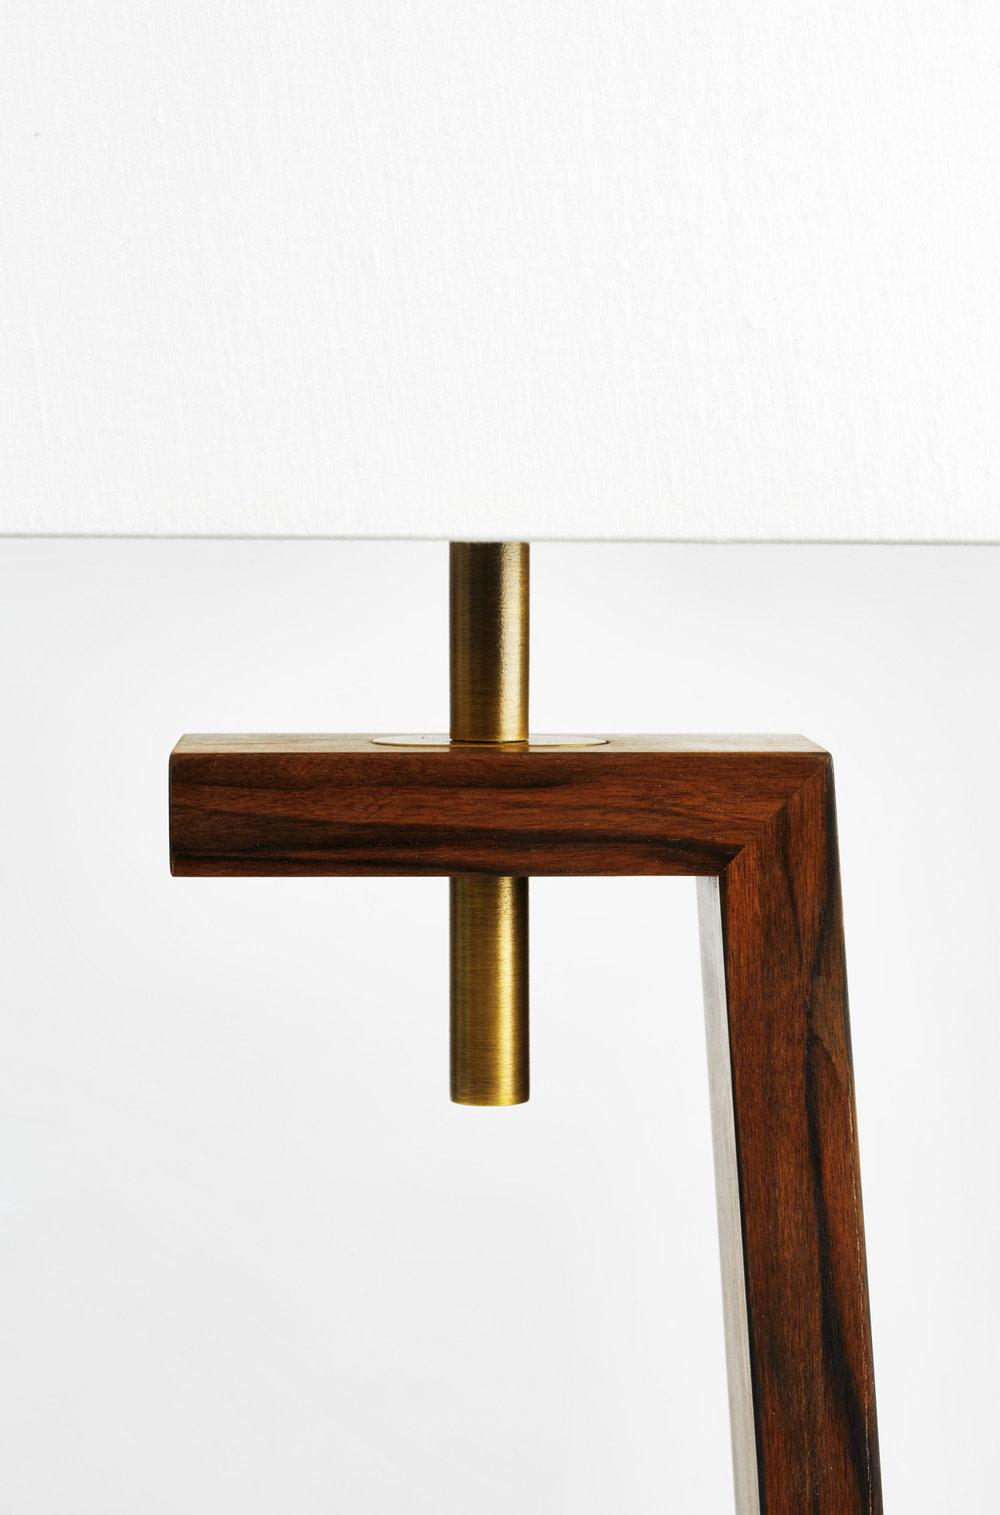 Ise-lampe-detail1.jpg